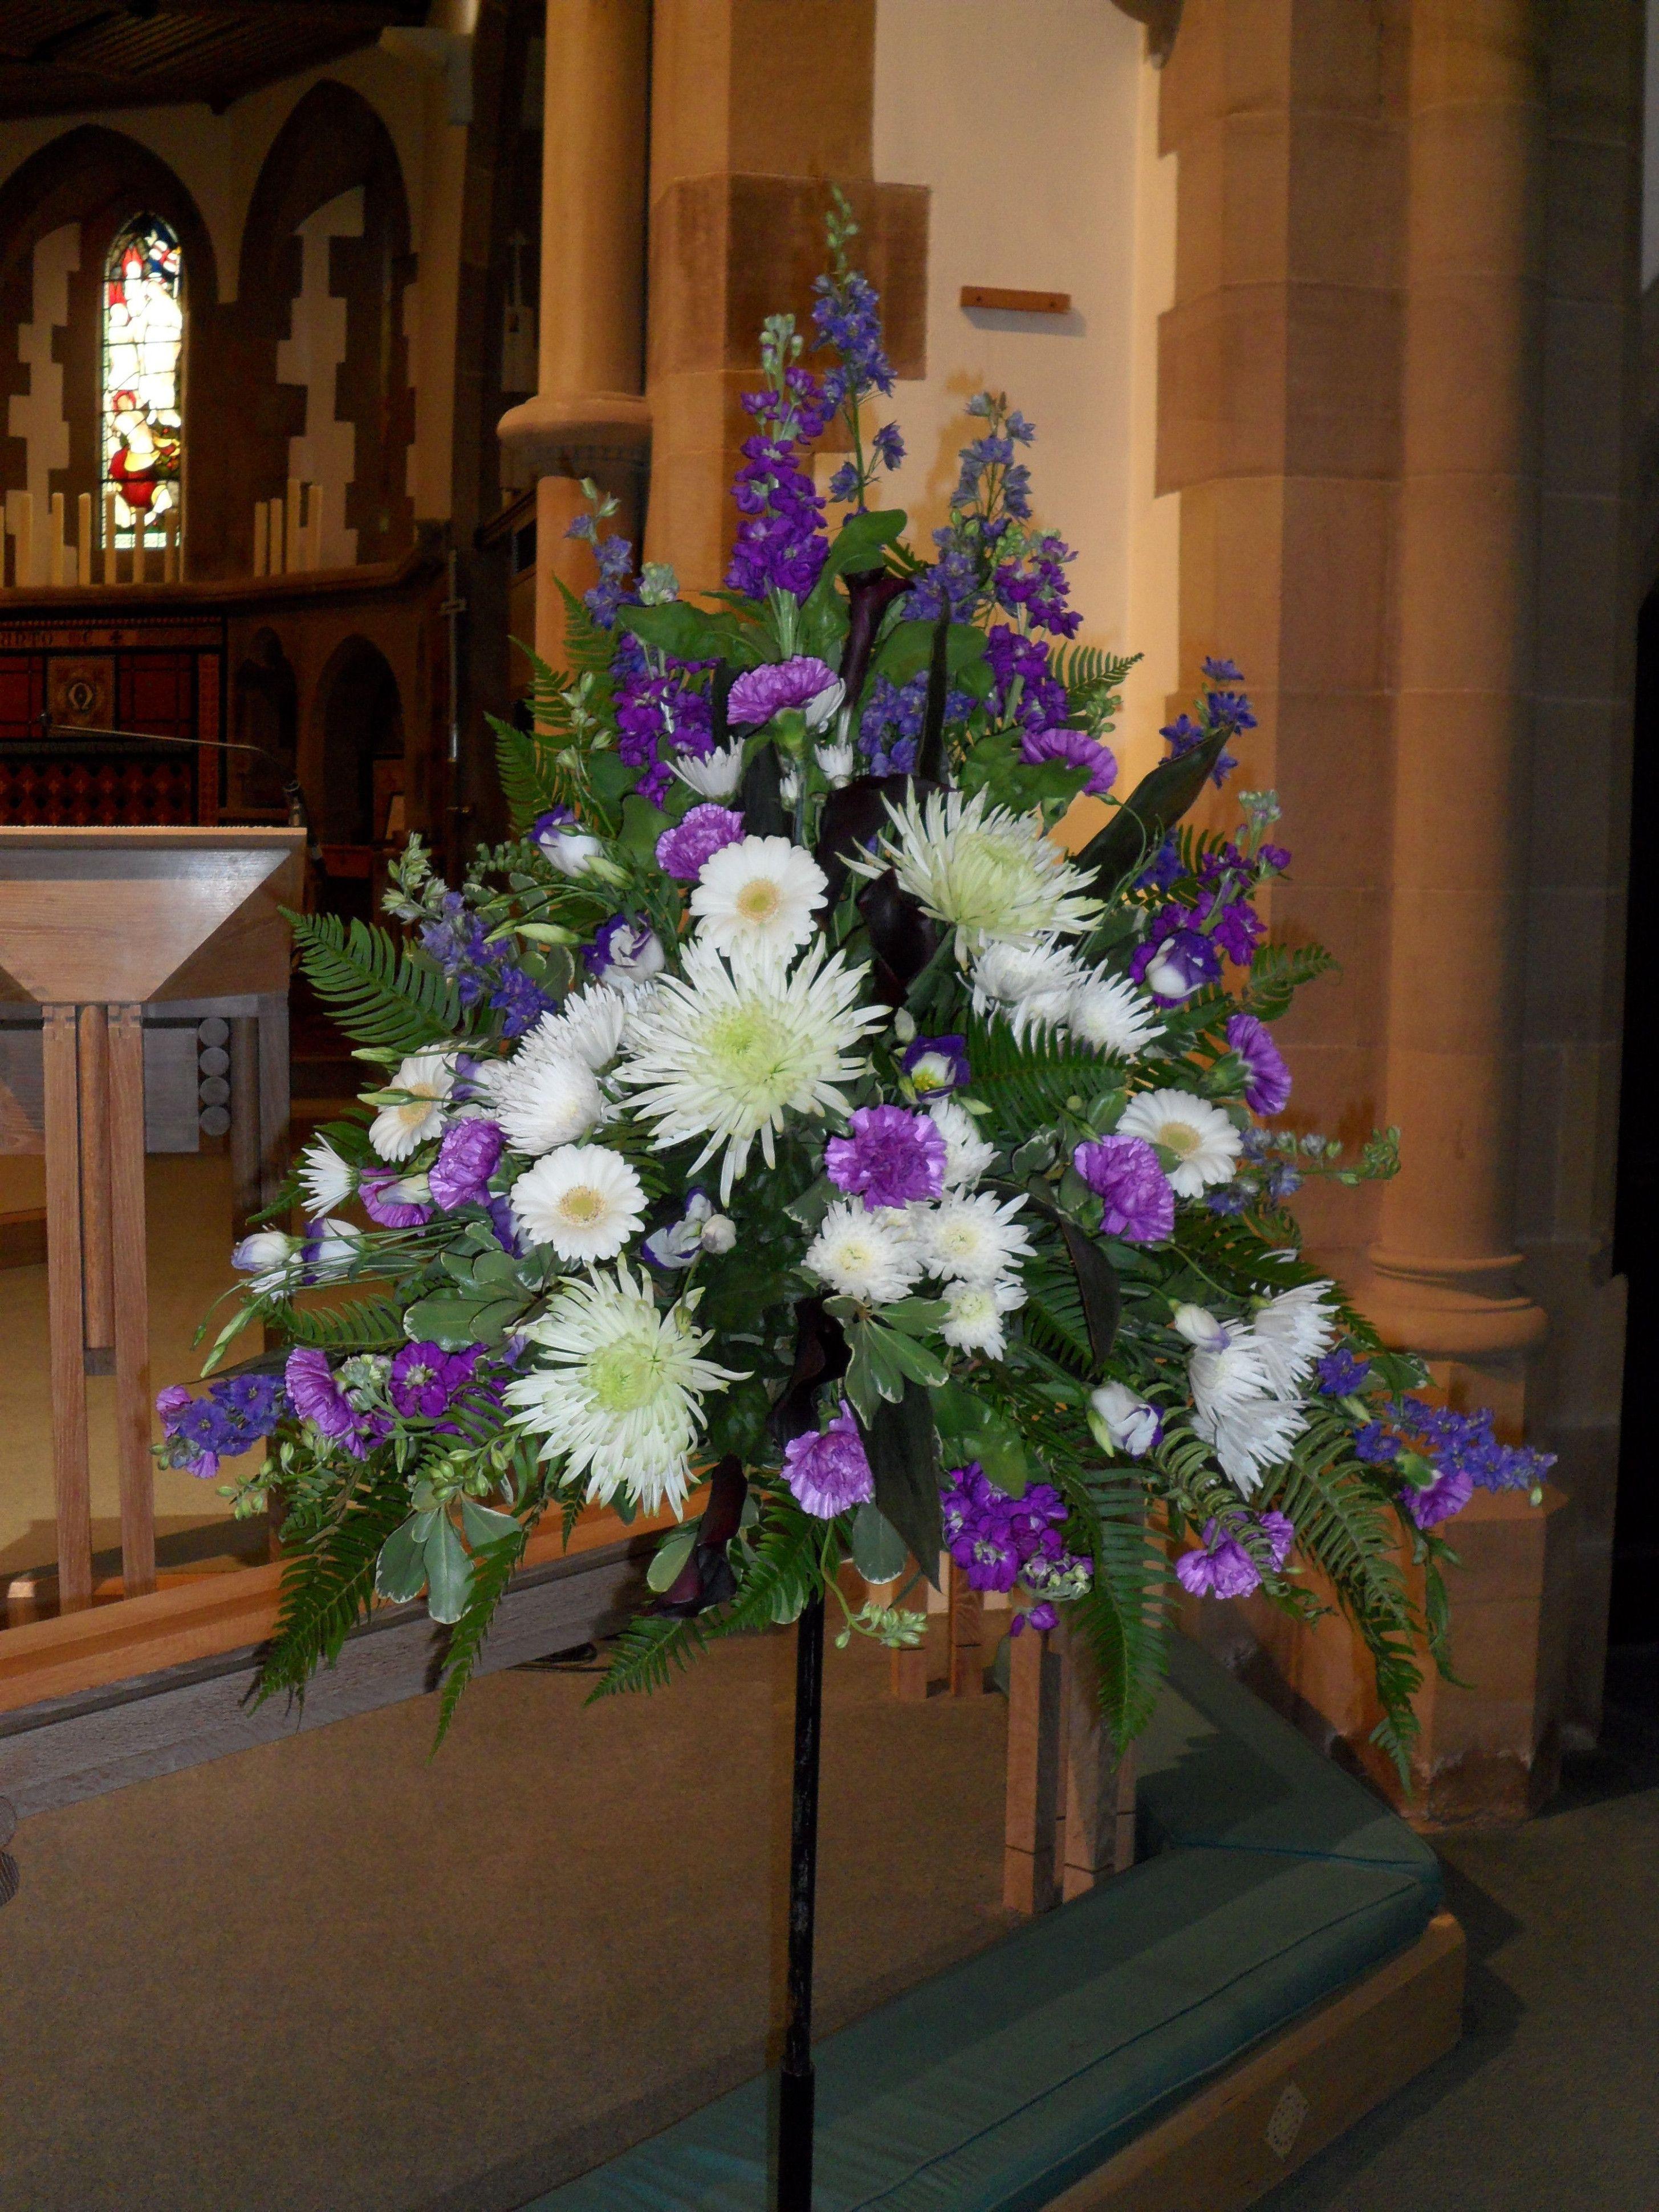 Church Wedding Arrangements Floral Design Large Flower Arrangements Easter Flower Arrangements Fresh Flowers Arrangements